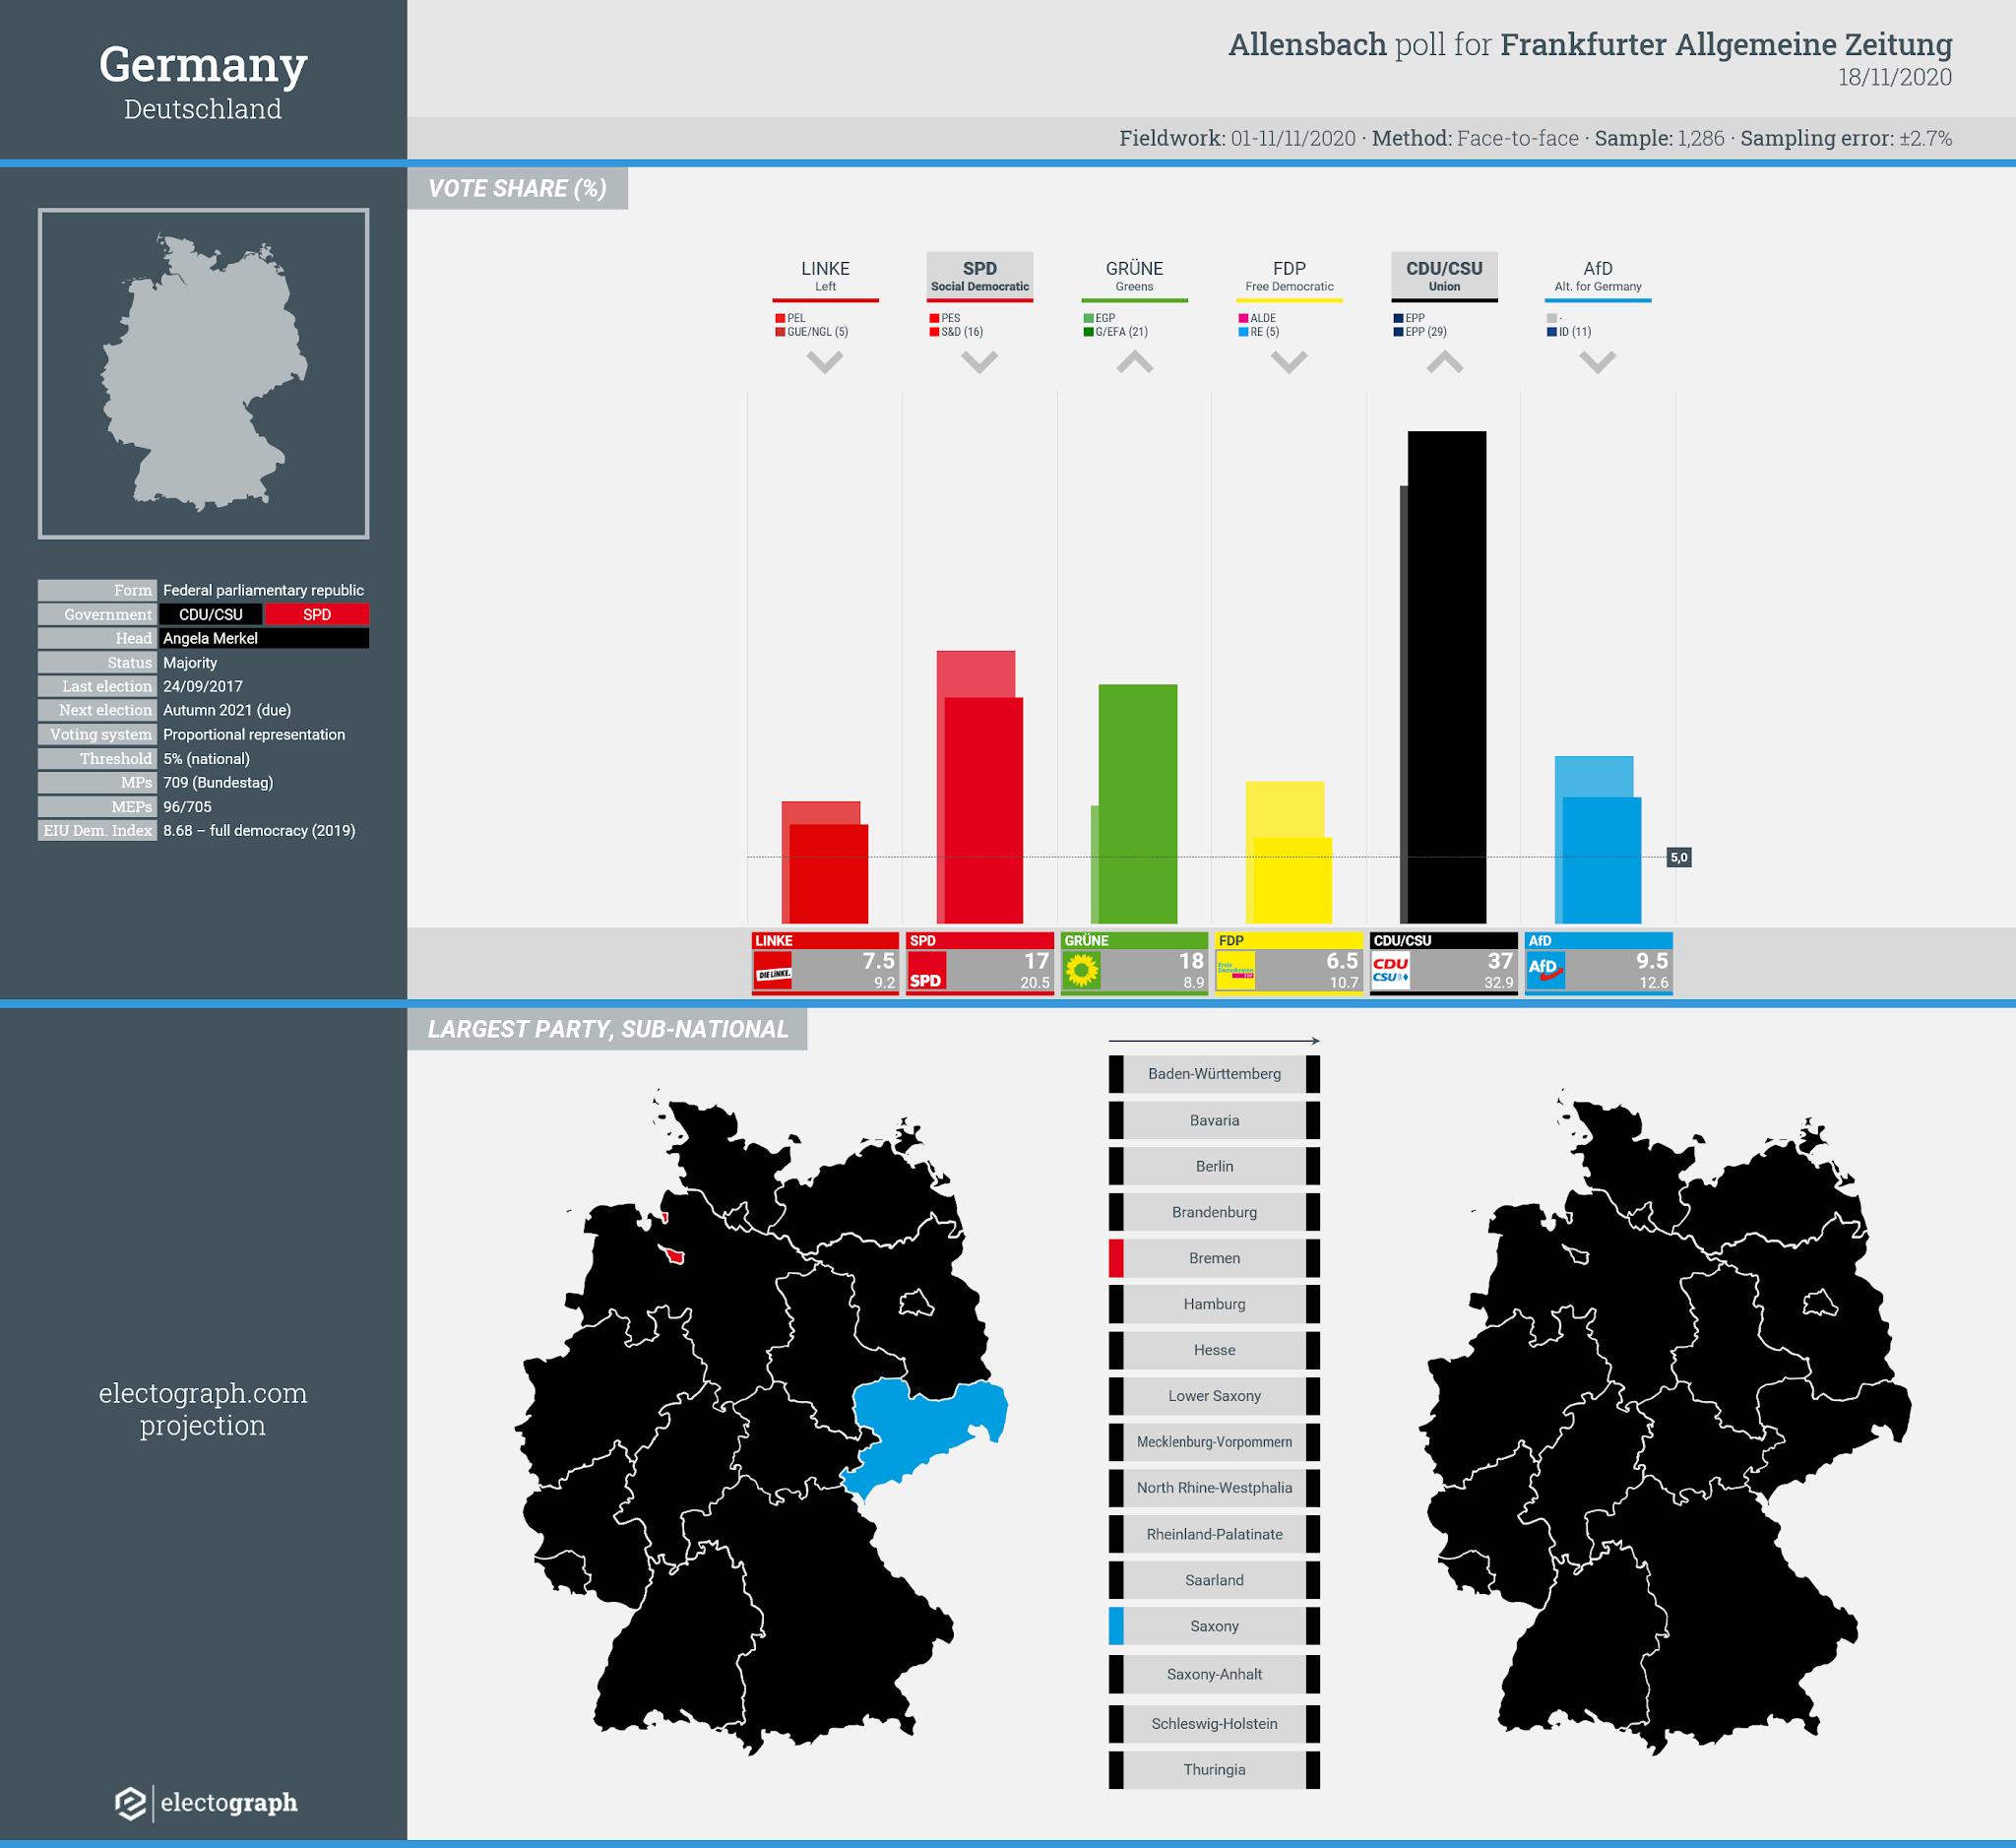 GERMANY: Allensbach poll chart for Frankfurter Allgemeine Zeitung, 18 November 2020